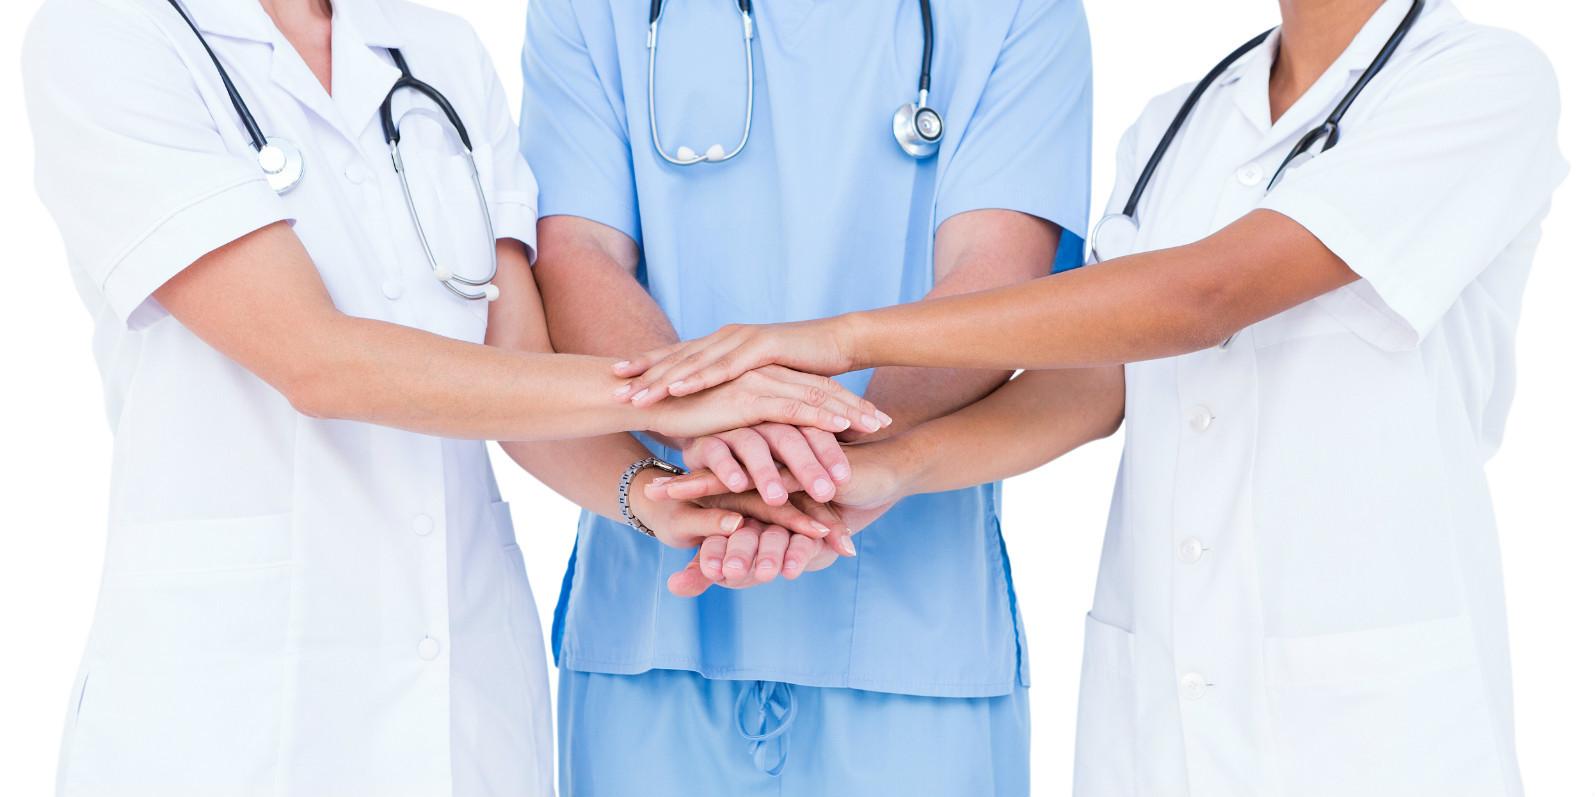 浙大一院 | 输血+造血!北仑医联体如何助力资源长效下沉